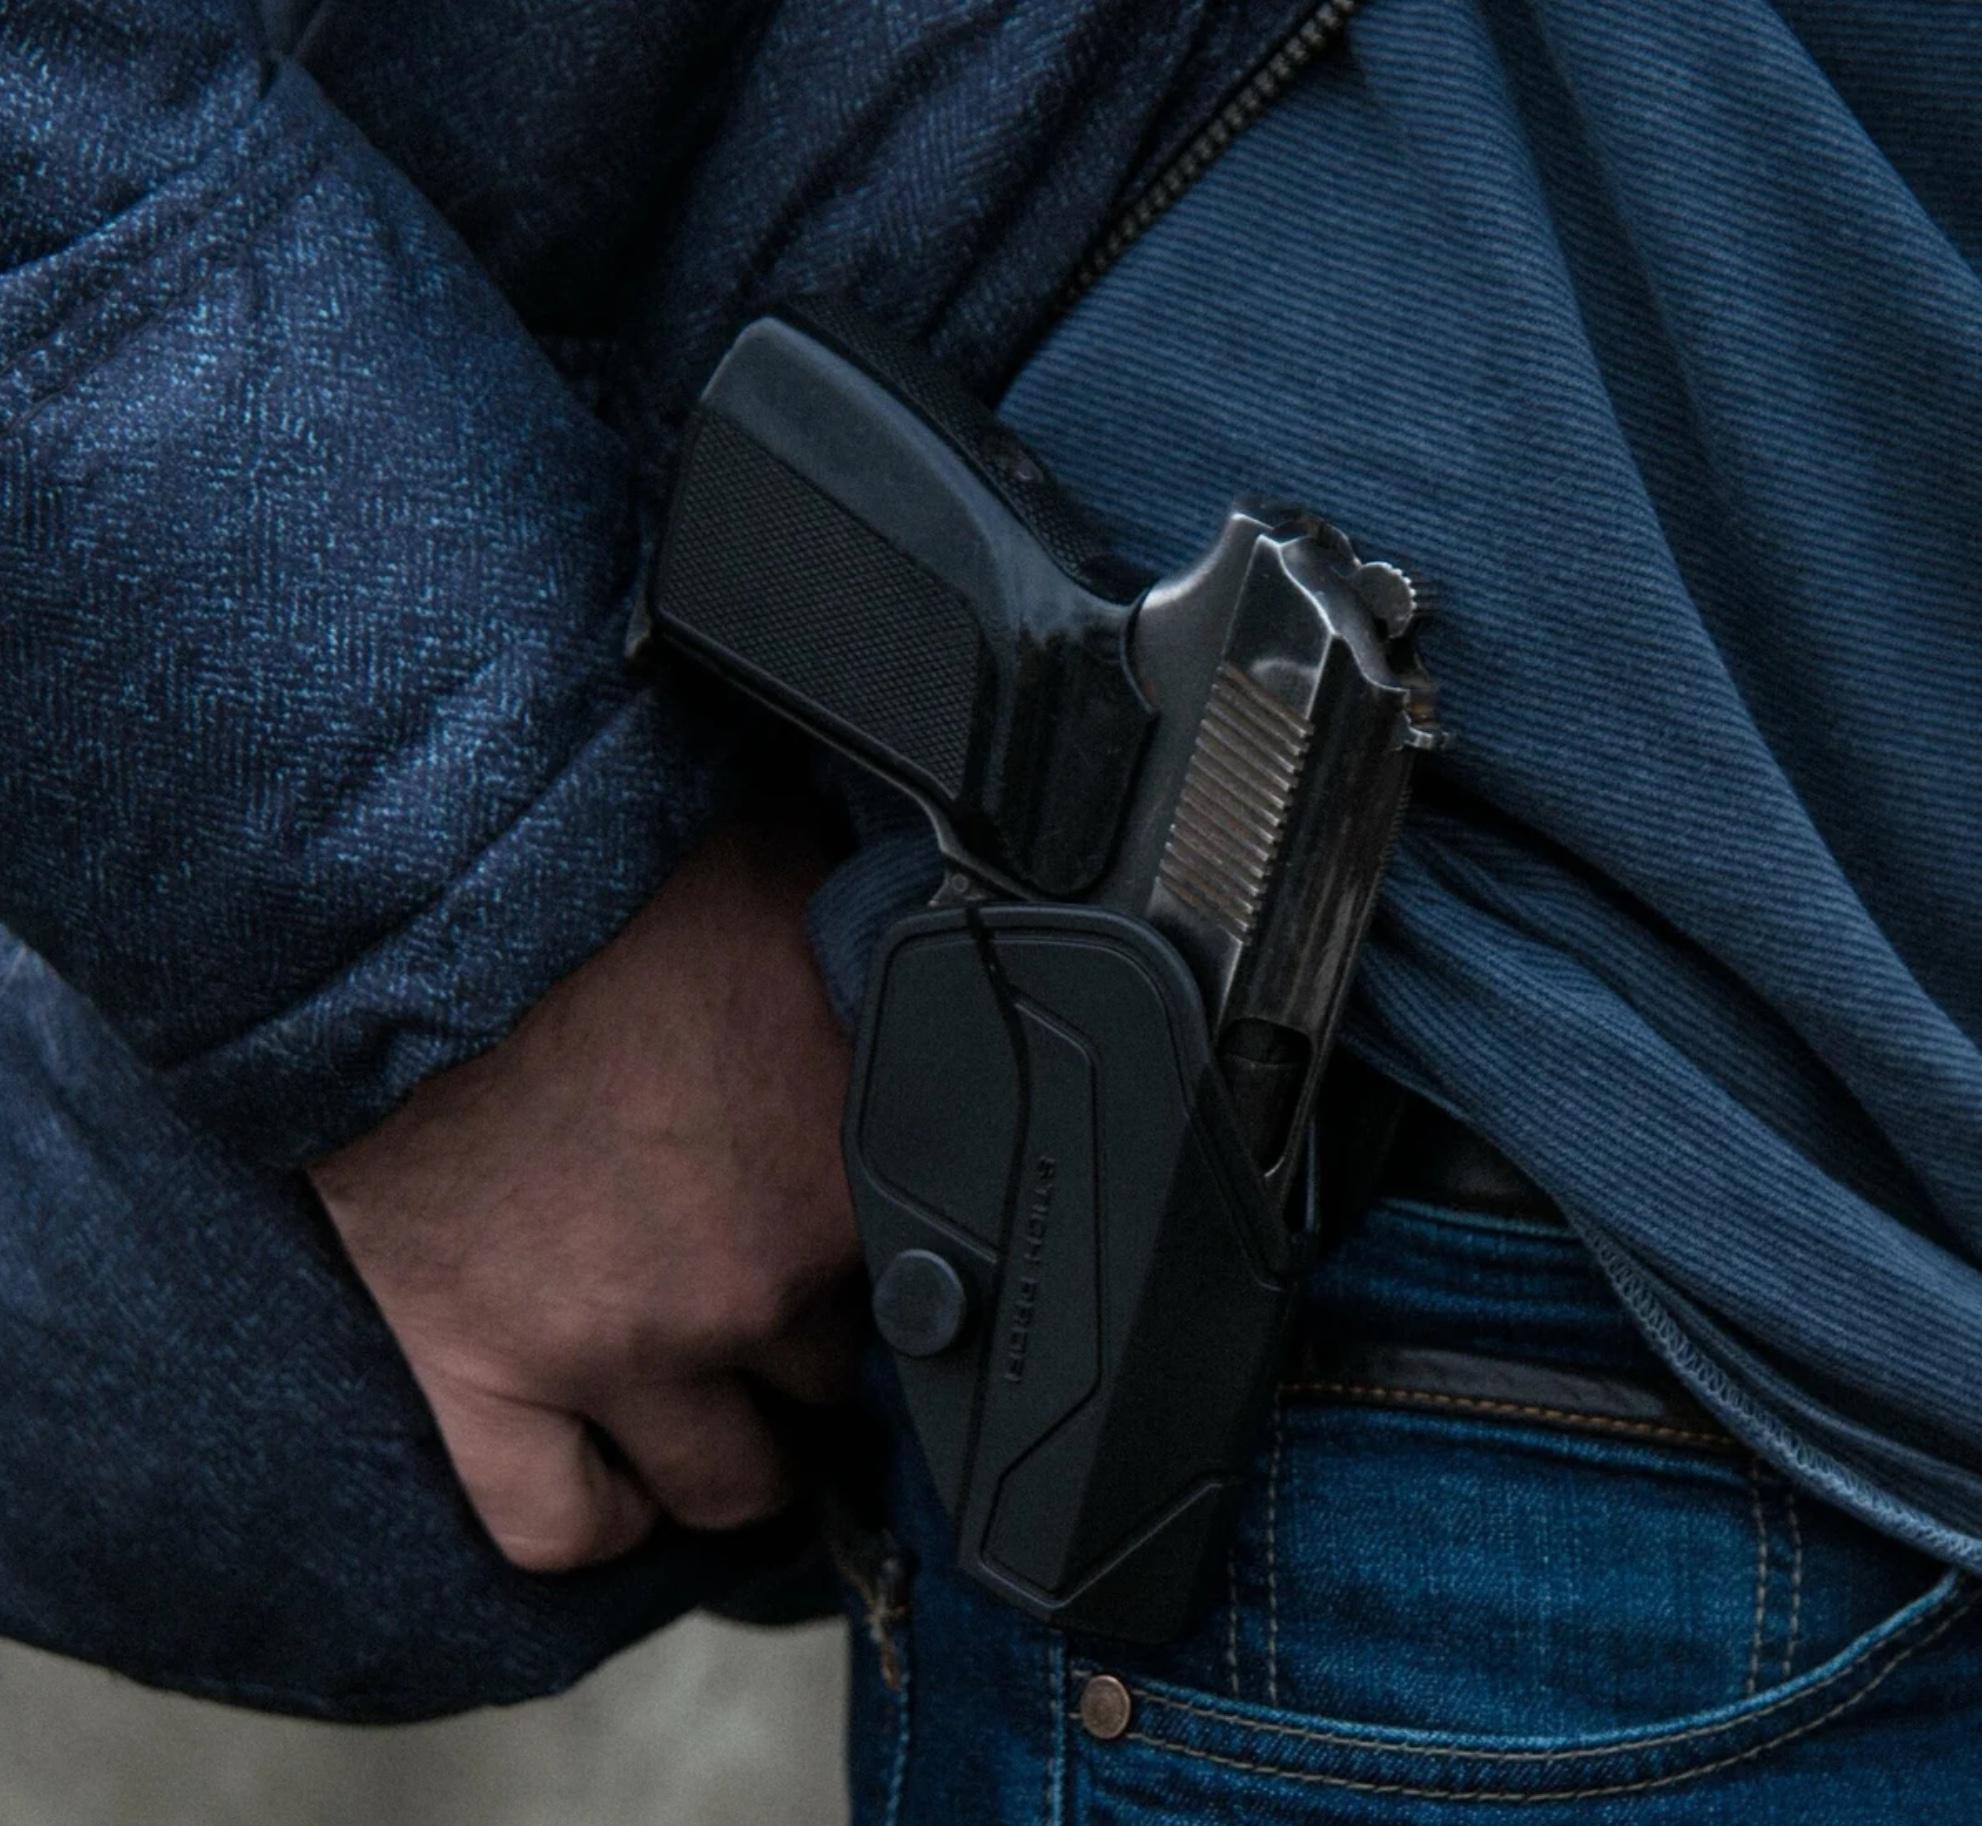 Ношение в общественных местах травматического оружия. Какая ответственность